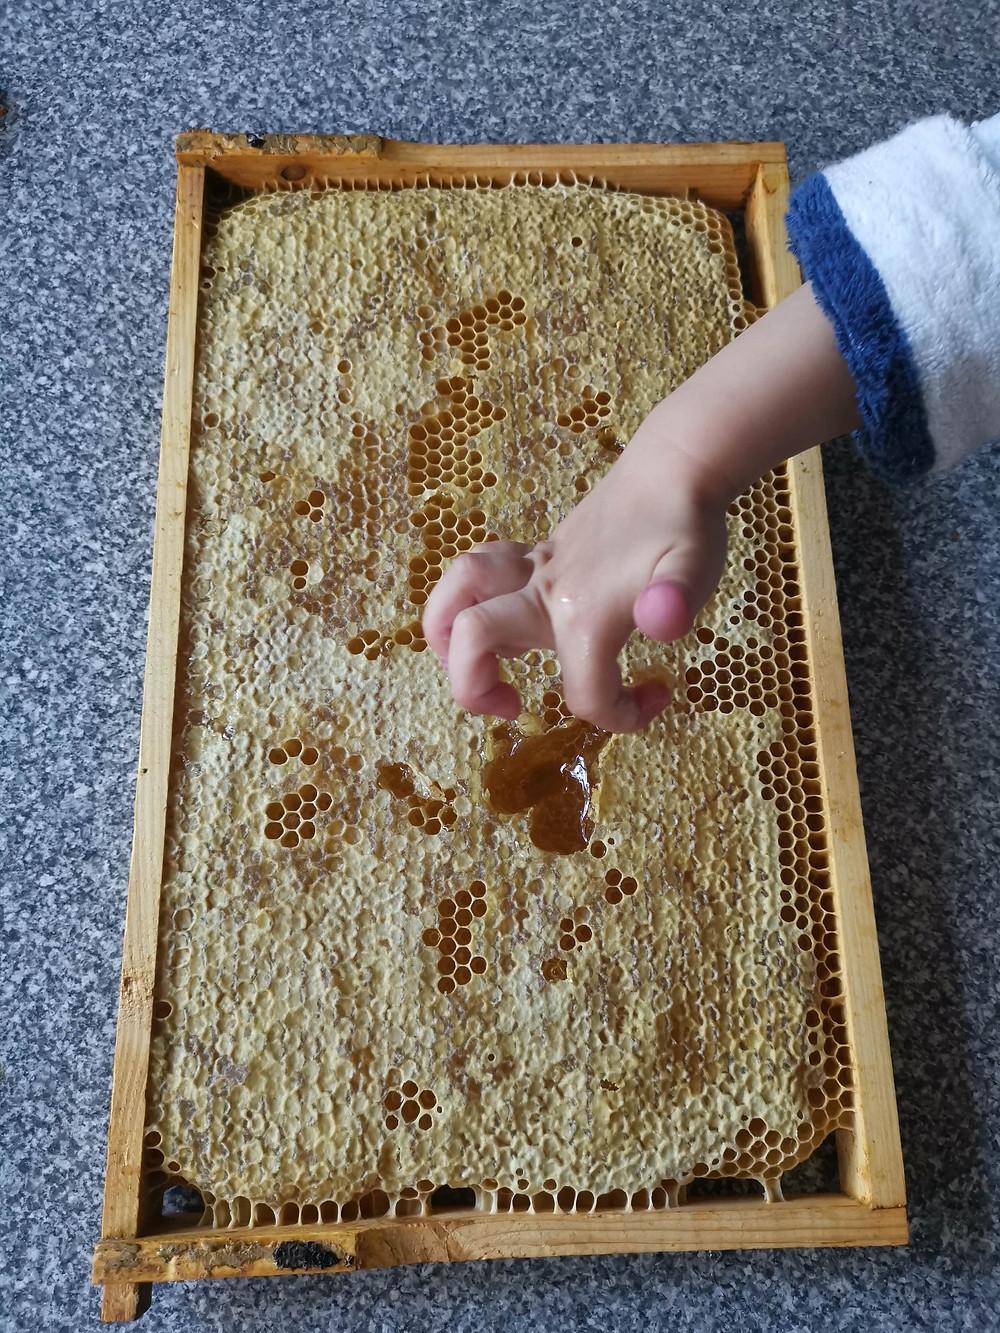 Bienenwaben, Heuschnupfen, Api-Therapie, Wabenhonig, Honig, Katharina rührt